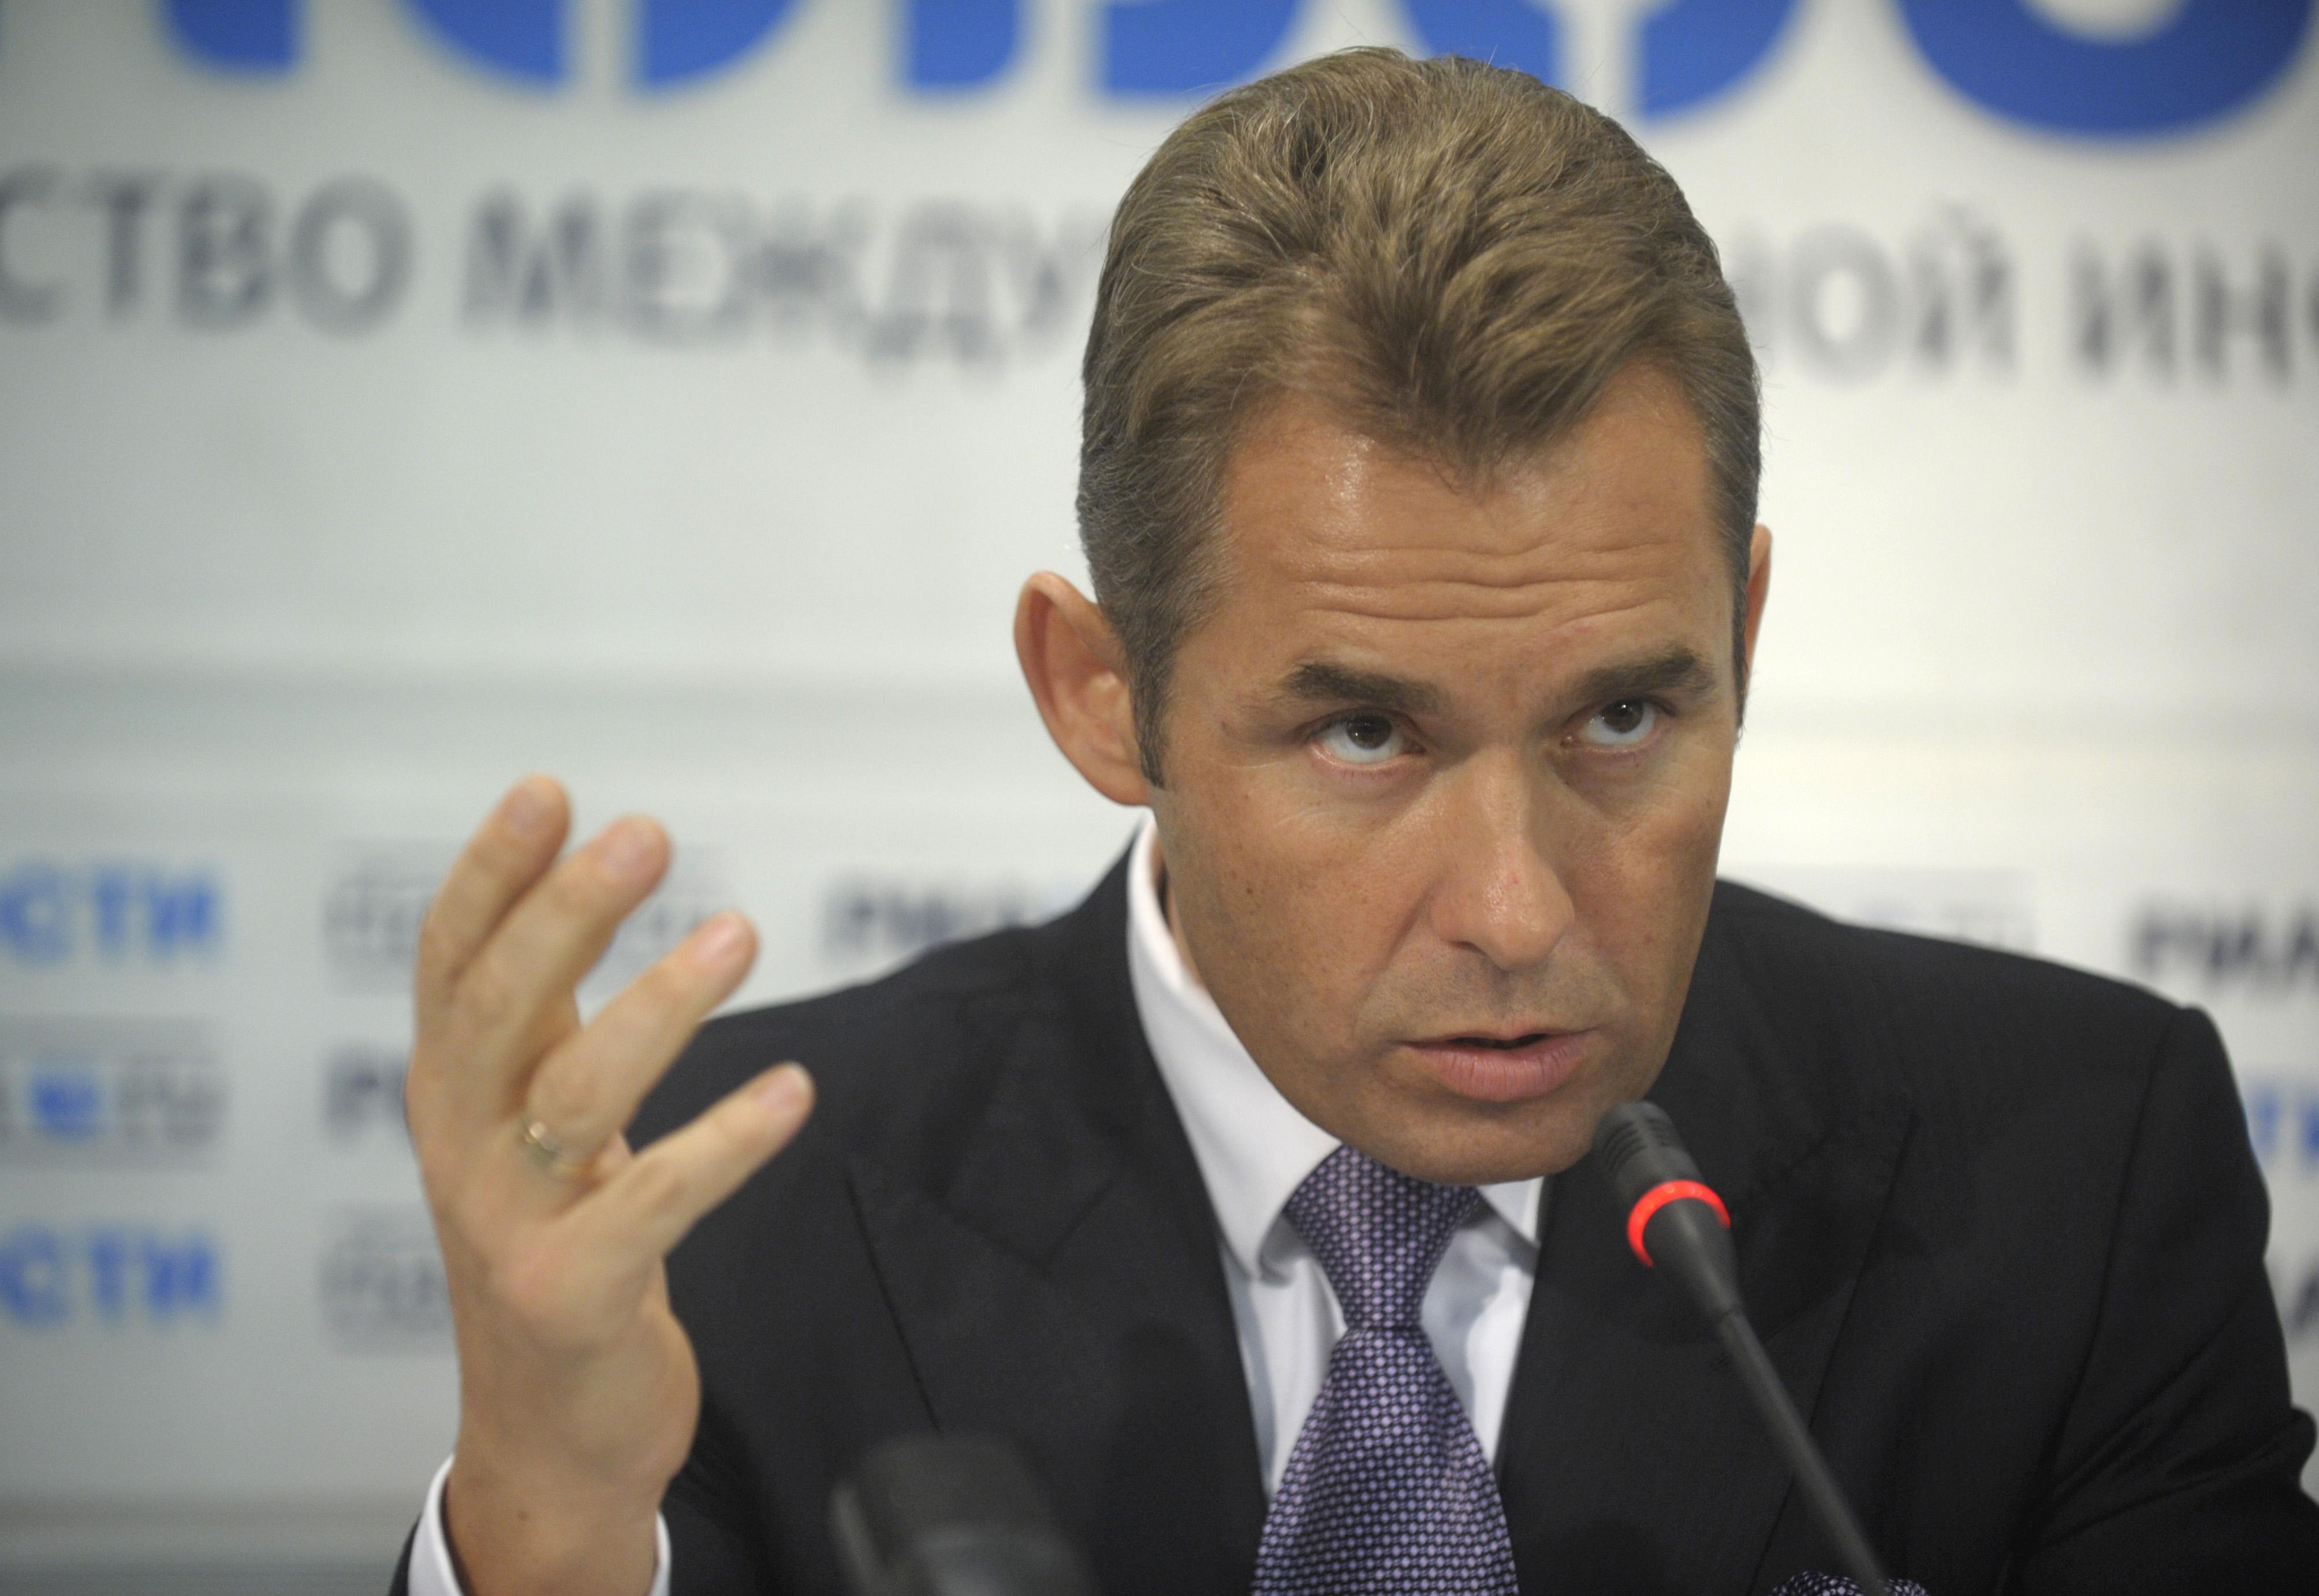 Астахов проклял политиков, поддерживающих однополые браки